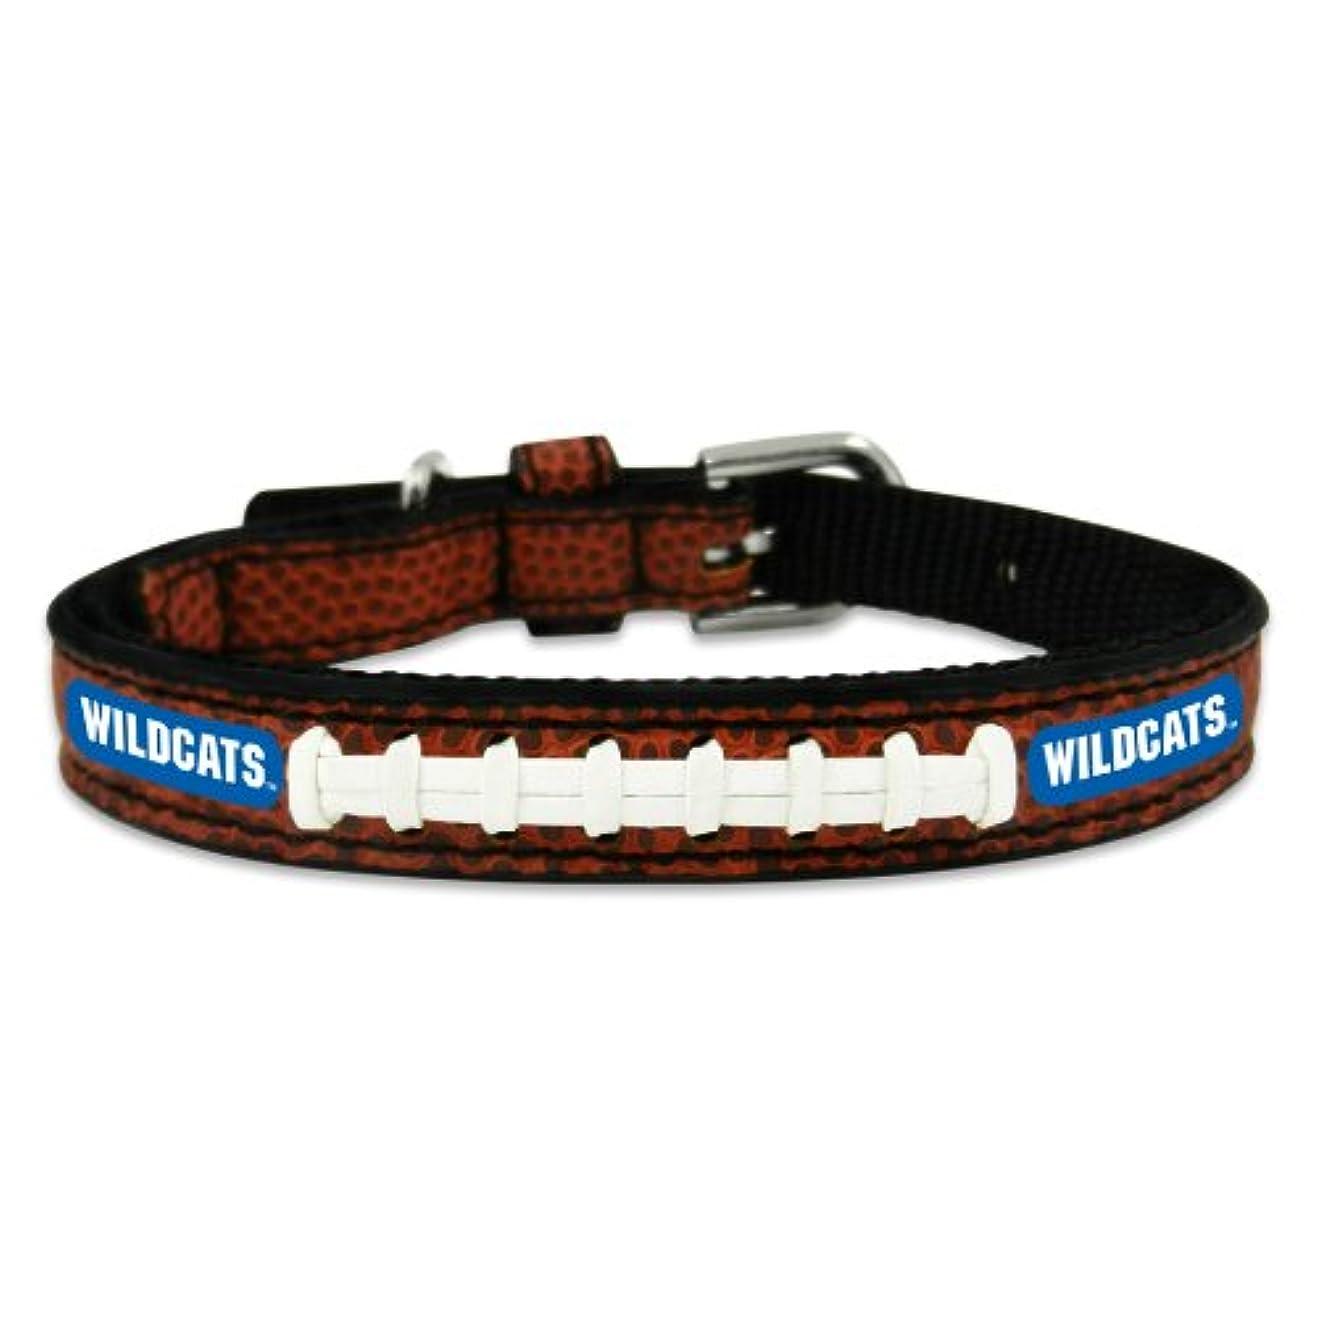 申請中校長増幅するKentucky Wildcats Classic Leather Toy Football Collar